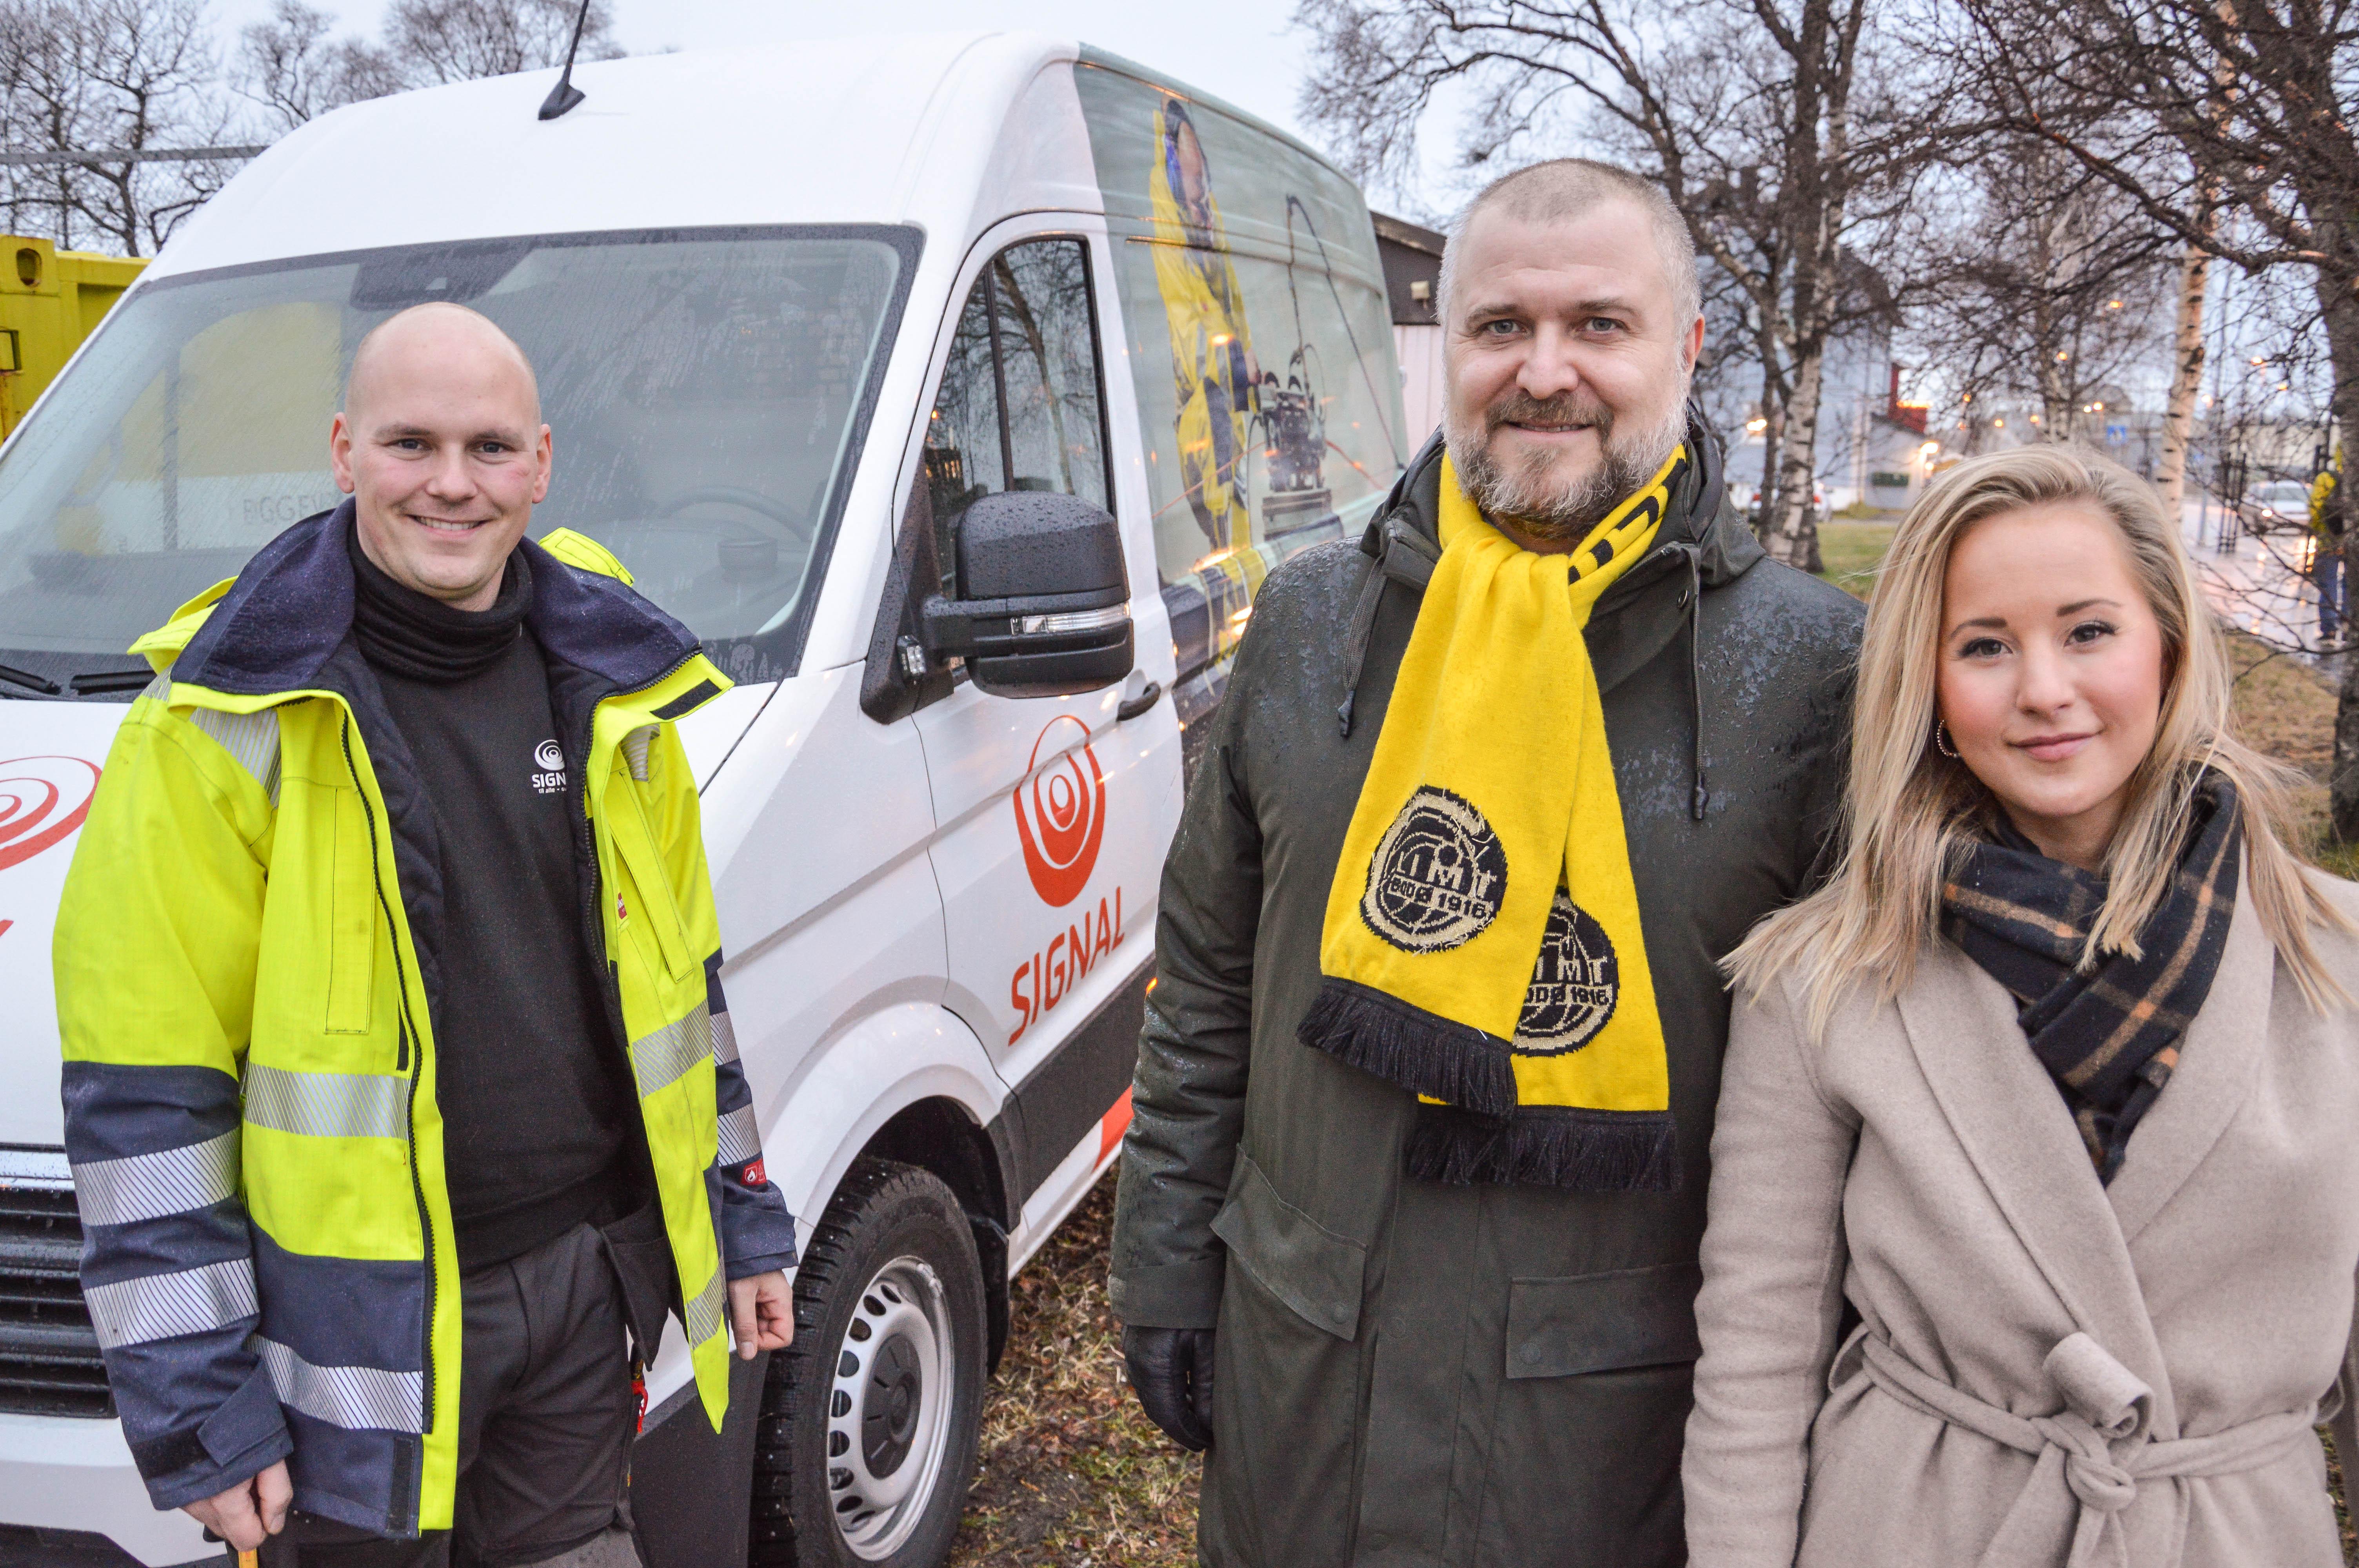 Montør Lars Ove, salgssjef bedrift Morten Stein og leder for markedsstøtte og samfunnskontakt, Stine Værang